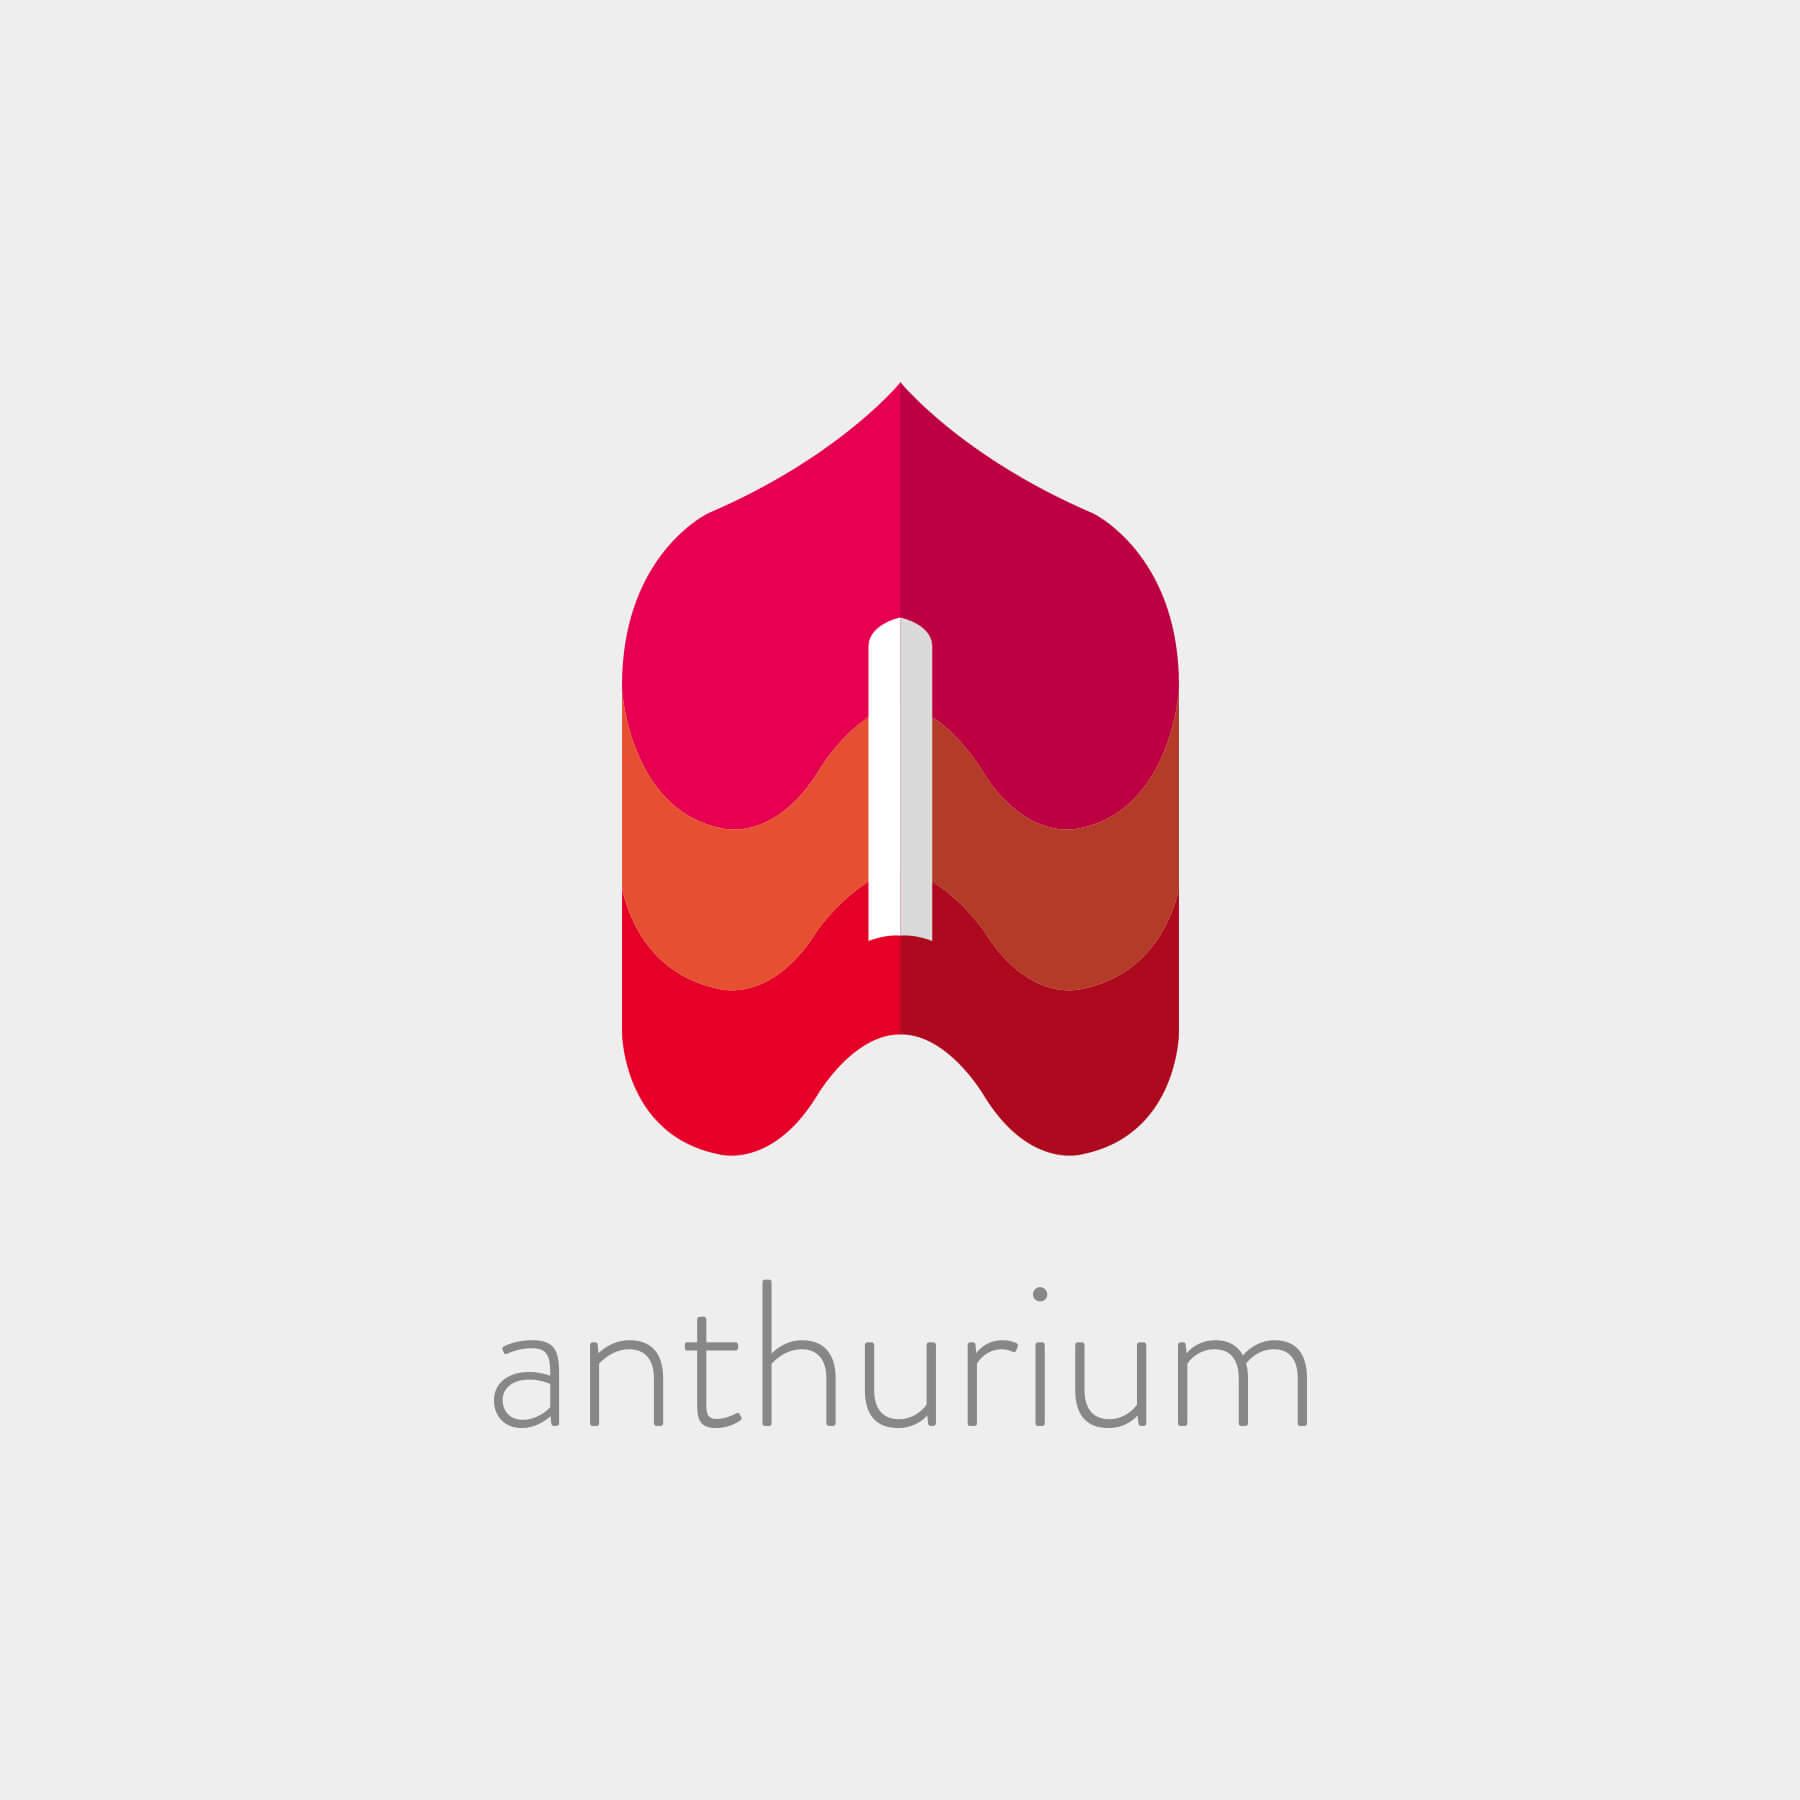 Anthurium_Logo.jpg